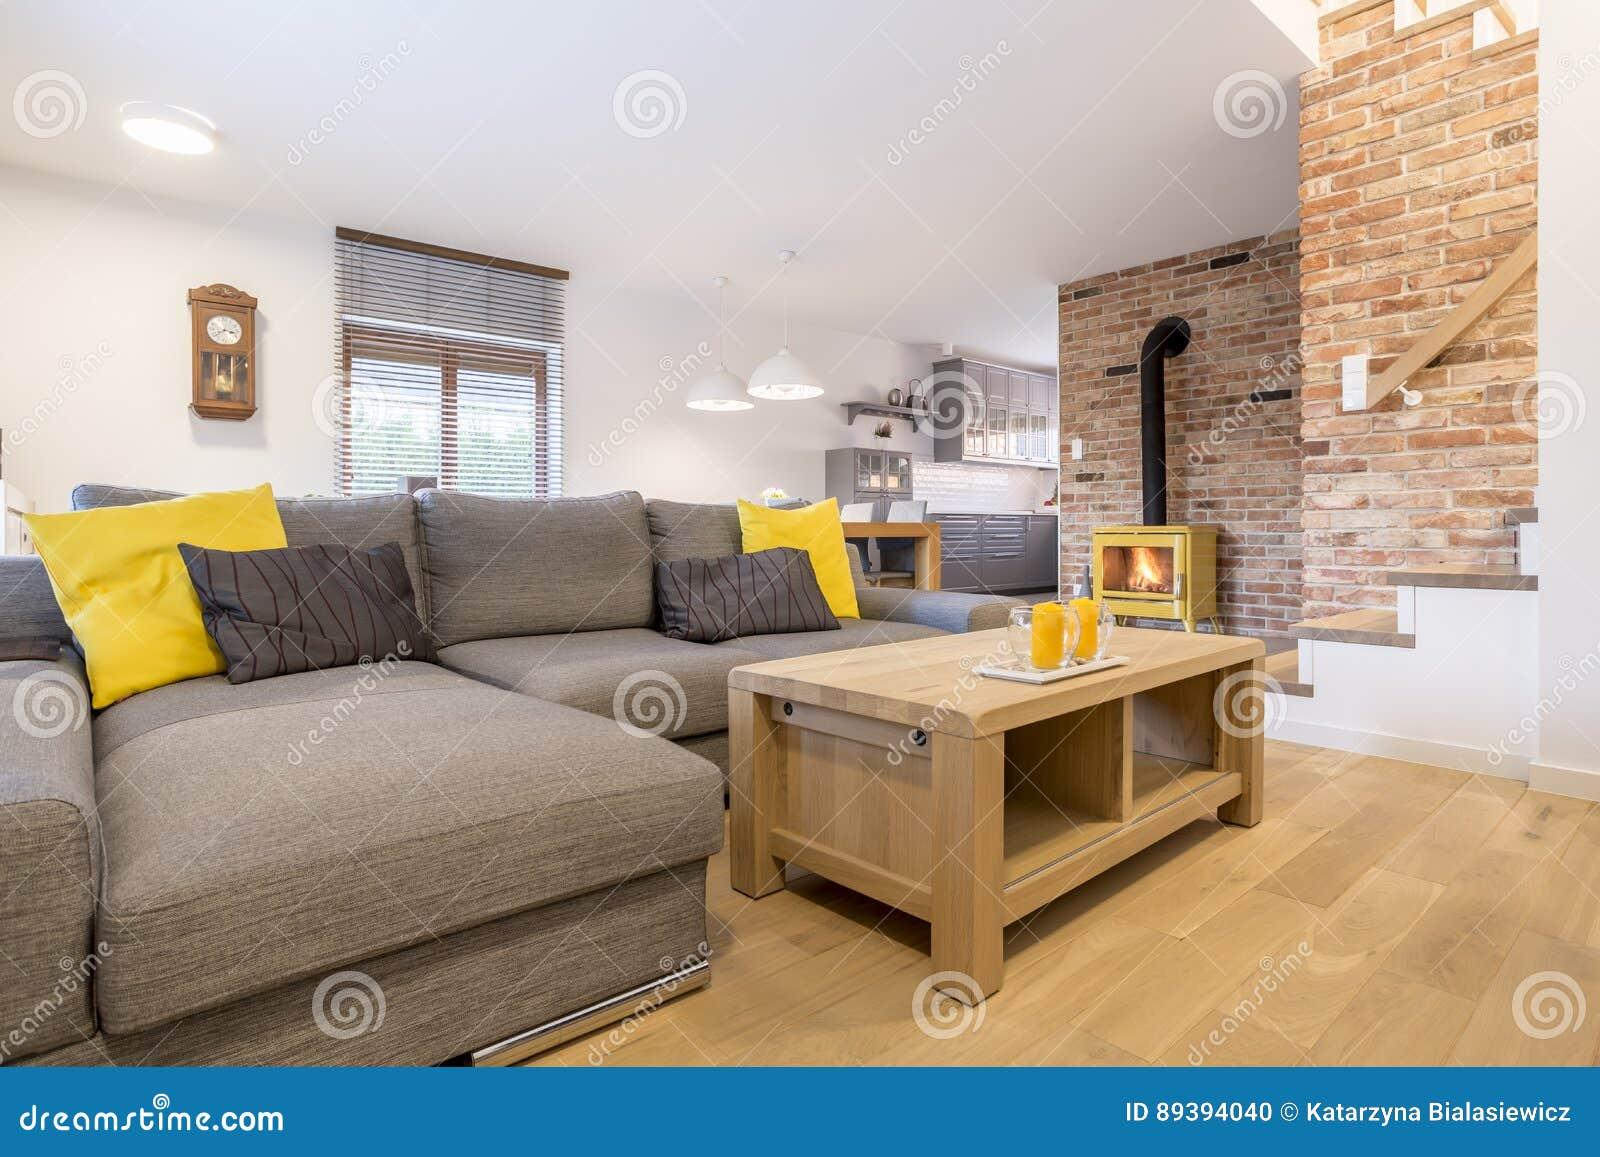 Wohnzimmer mit Treppe stockfoto. Bild von ziegelstein - 89394040